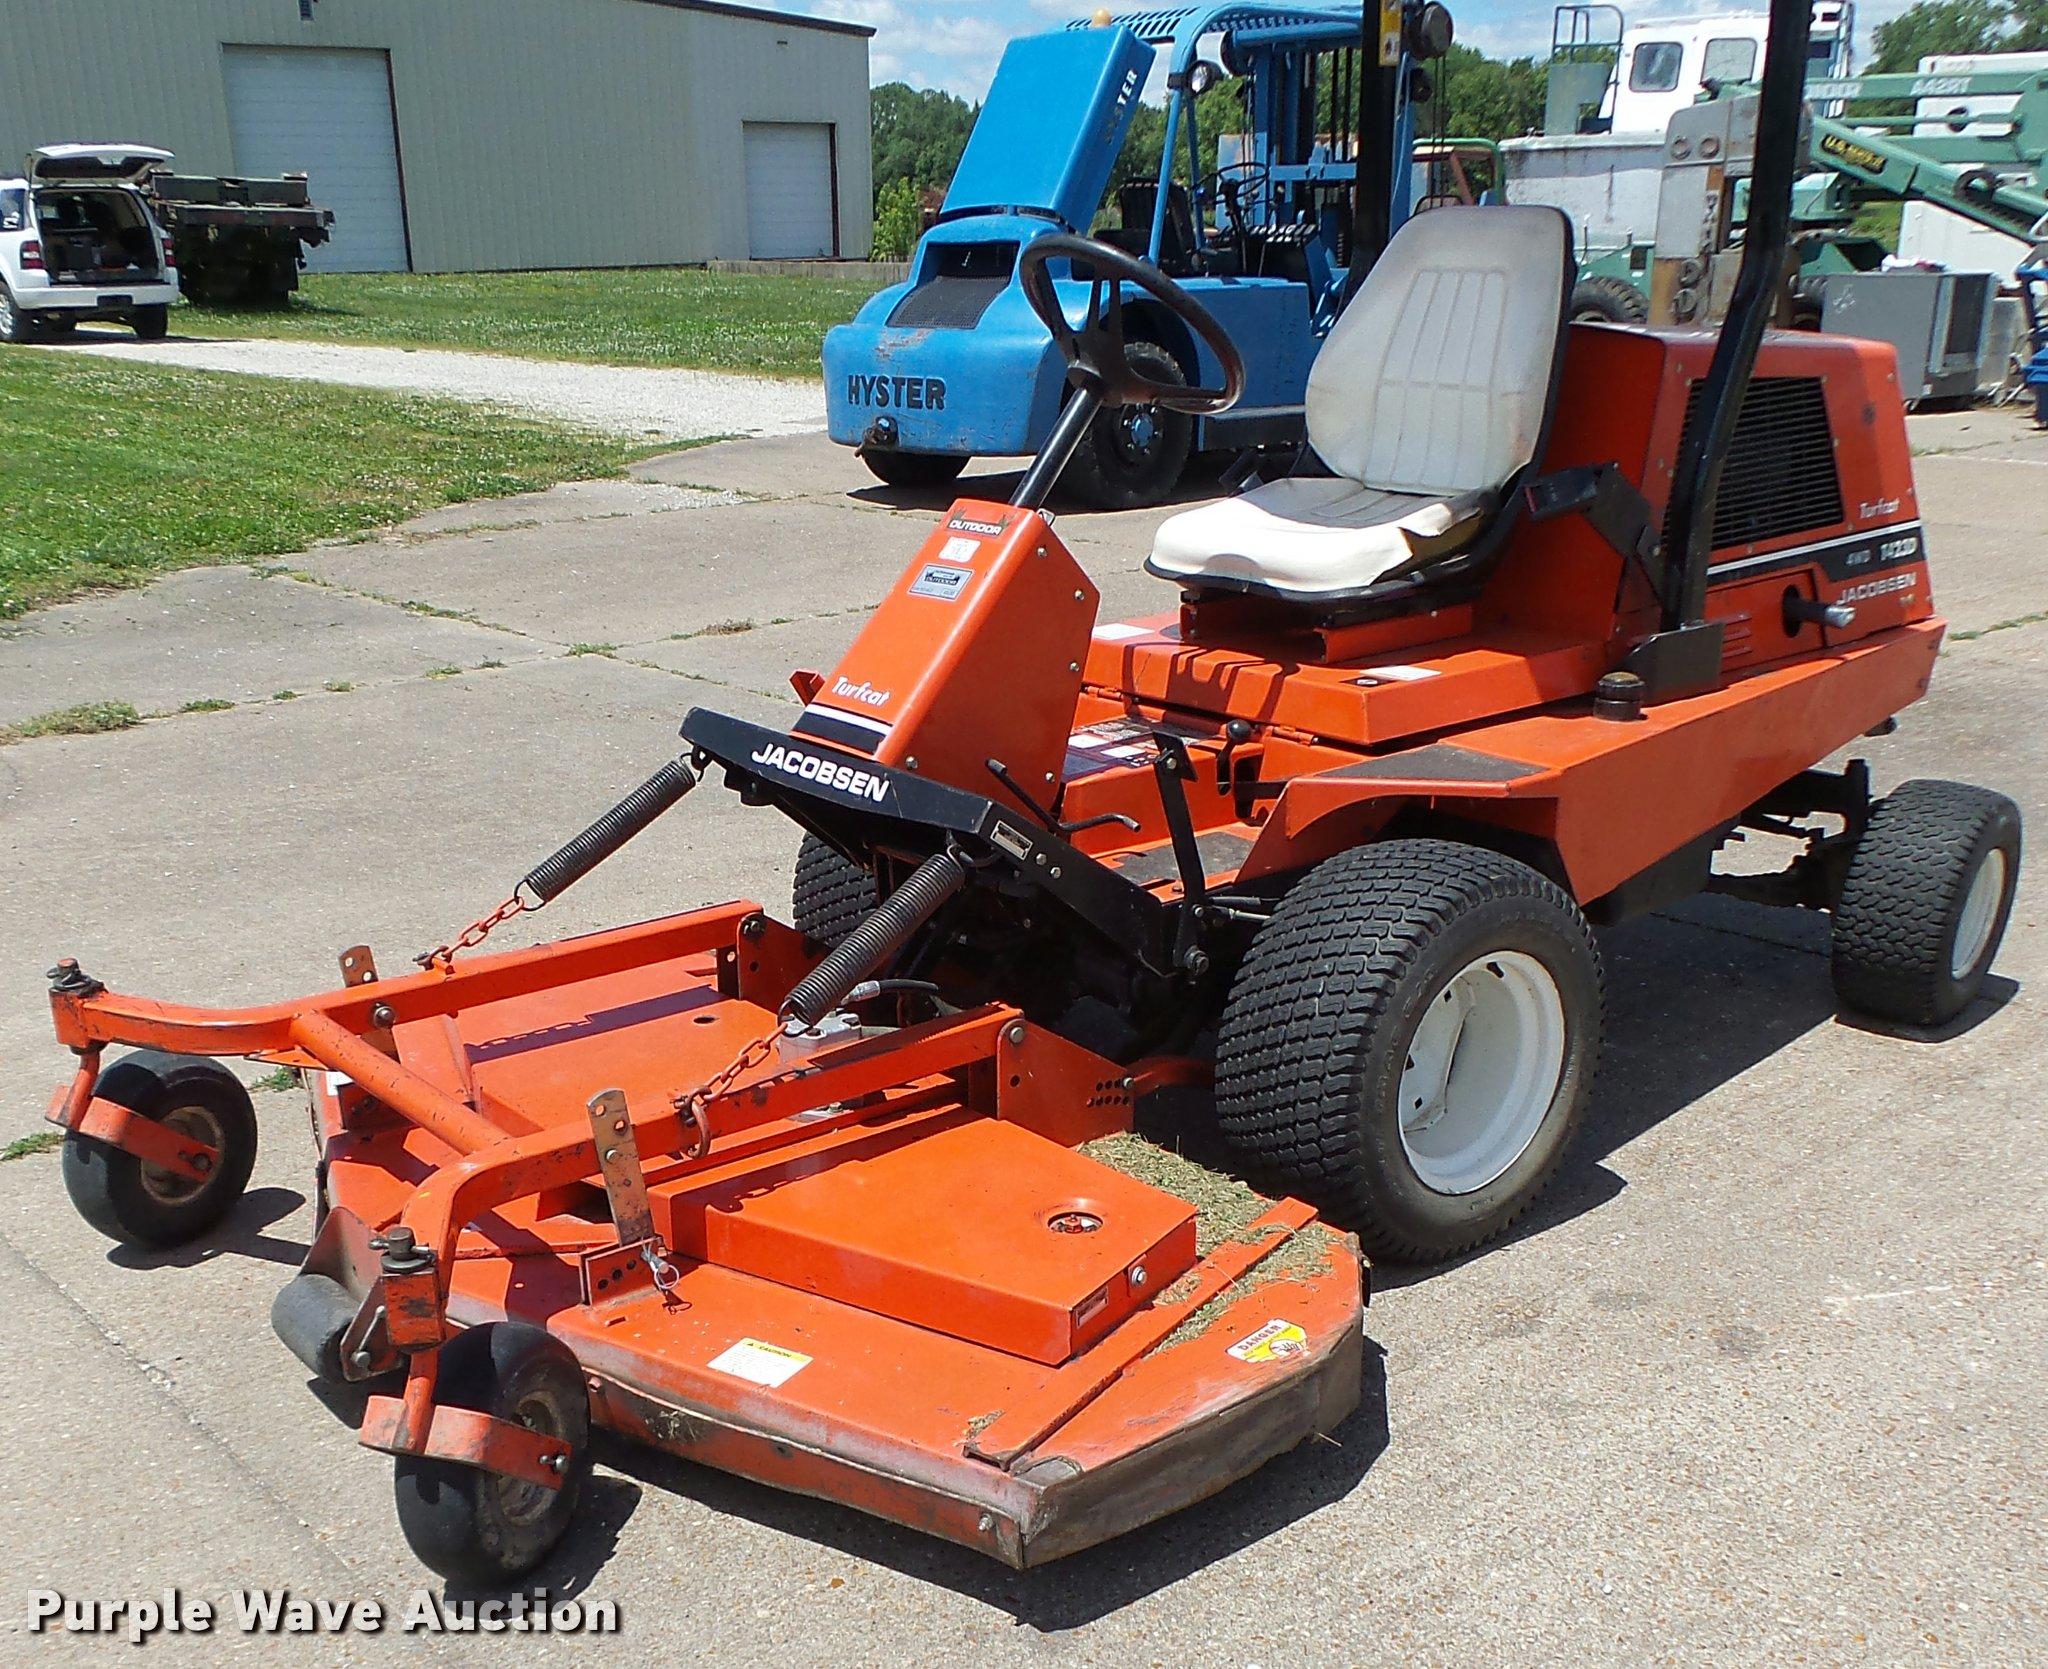 Jacobsen Turfcat T423d For Sale on